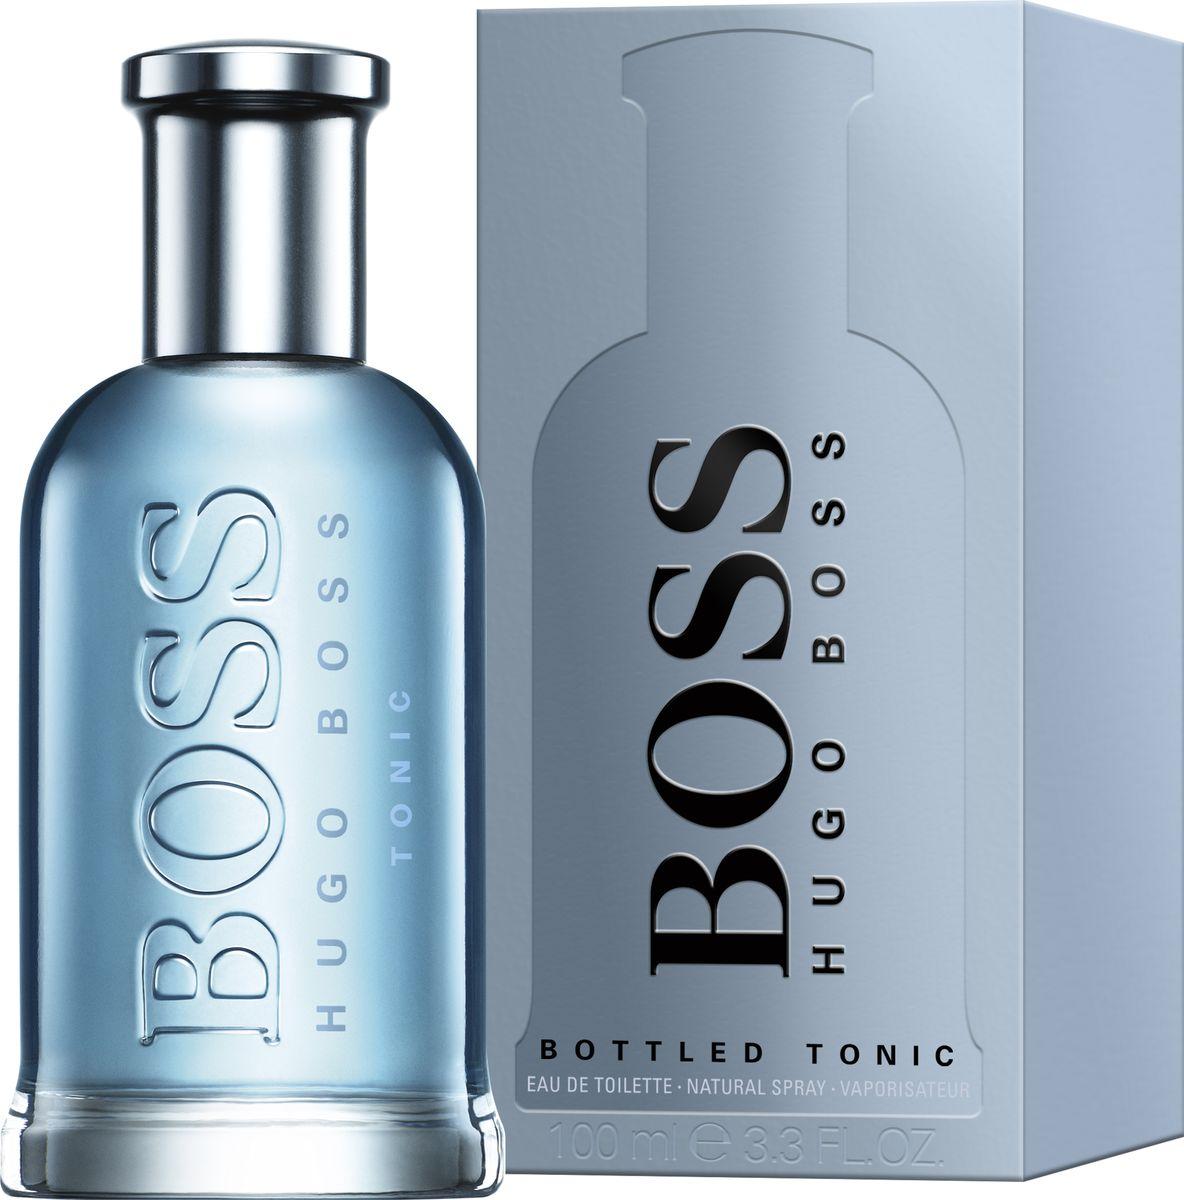 Hugo Boss Bottled Tonic Туалетная вода 100 мл8005610255668Легкий освежающий аромат Boss Bottled Tonic, выпущенный в 2017 году модным Домом Hugo Boss, идеально впишется в атмосферу «офисных» будней. Парфюм адресуется мужчинам, которым необходимо сохранять элегантный и свежий вид в течение всего рабочего дня. Приятный, располагающий облик в большинстве случаев помогает достигнуть успеха в делах, а хороший личный аромат закрепляет благоприятное впечатление. Свежий посыл ноток цитрусов и хрустящего яблока, почти невесомый, деликатно окружает кожу мягким сиянием. Пламенно чувственные акценты имбиря не обжигают, а тихо тлеют под пудровой вуалью корицы. Сухое древесное основание выравнивает баланс и придает элегантность композиции благодаря изысканным ноткам ветивера